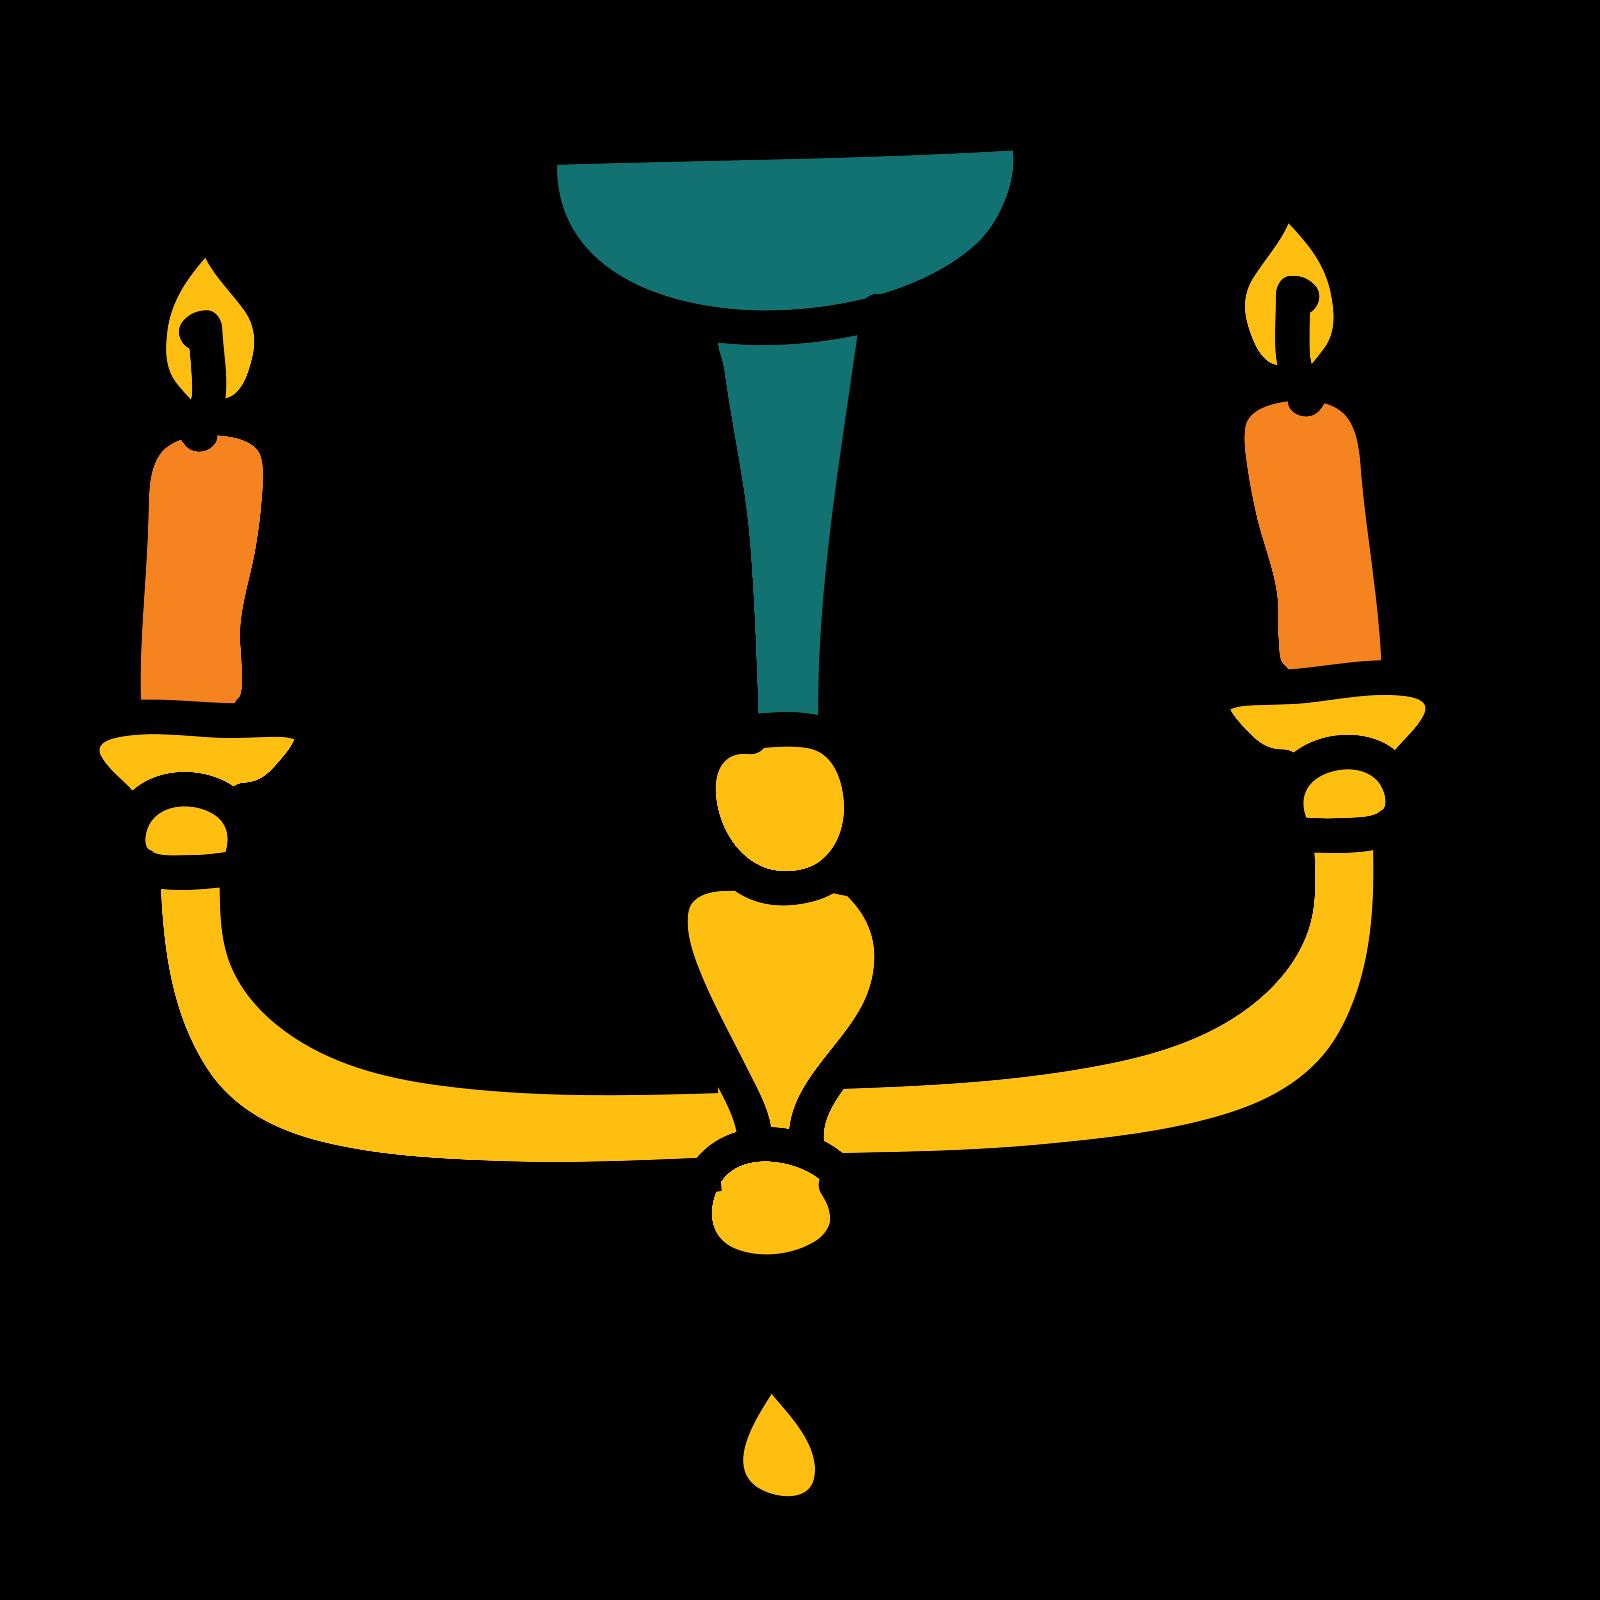 Żyrandol icon